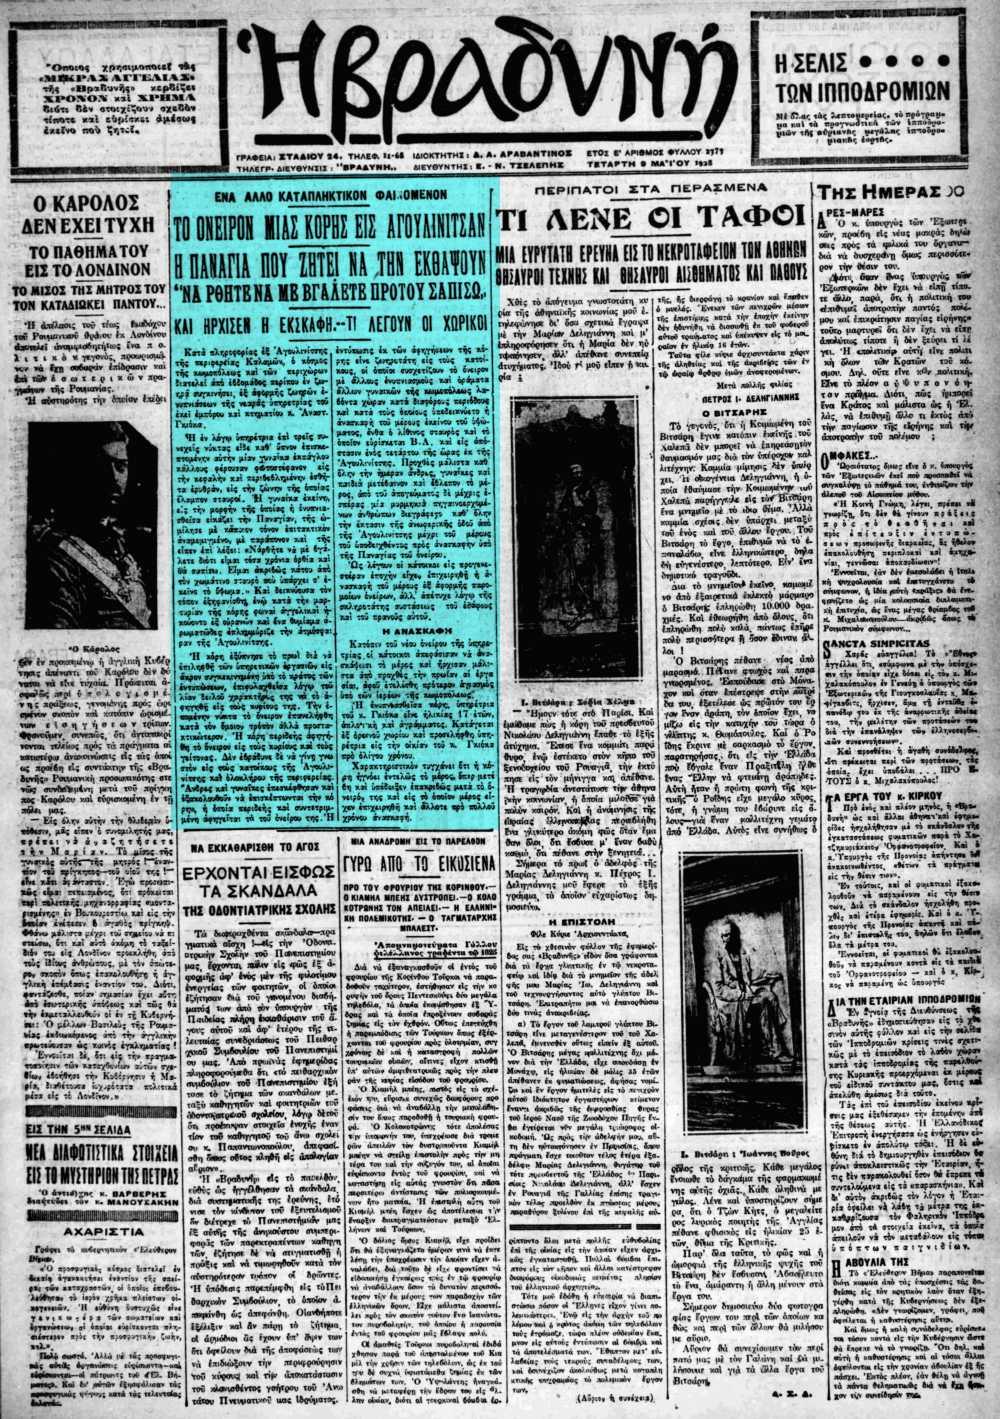 """Το άρθρο, όπως δημοσιεύθηκε στην εφημερίδα """"Η ΒΡΑΔΥΝΗ"""", στις 09/05/1928"""